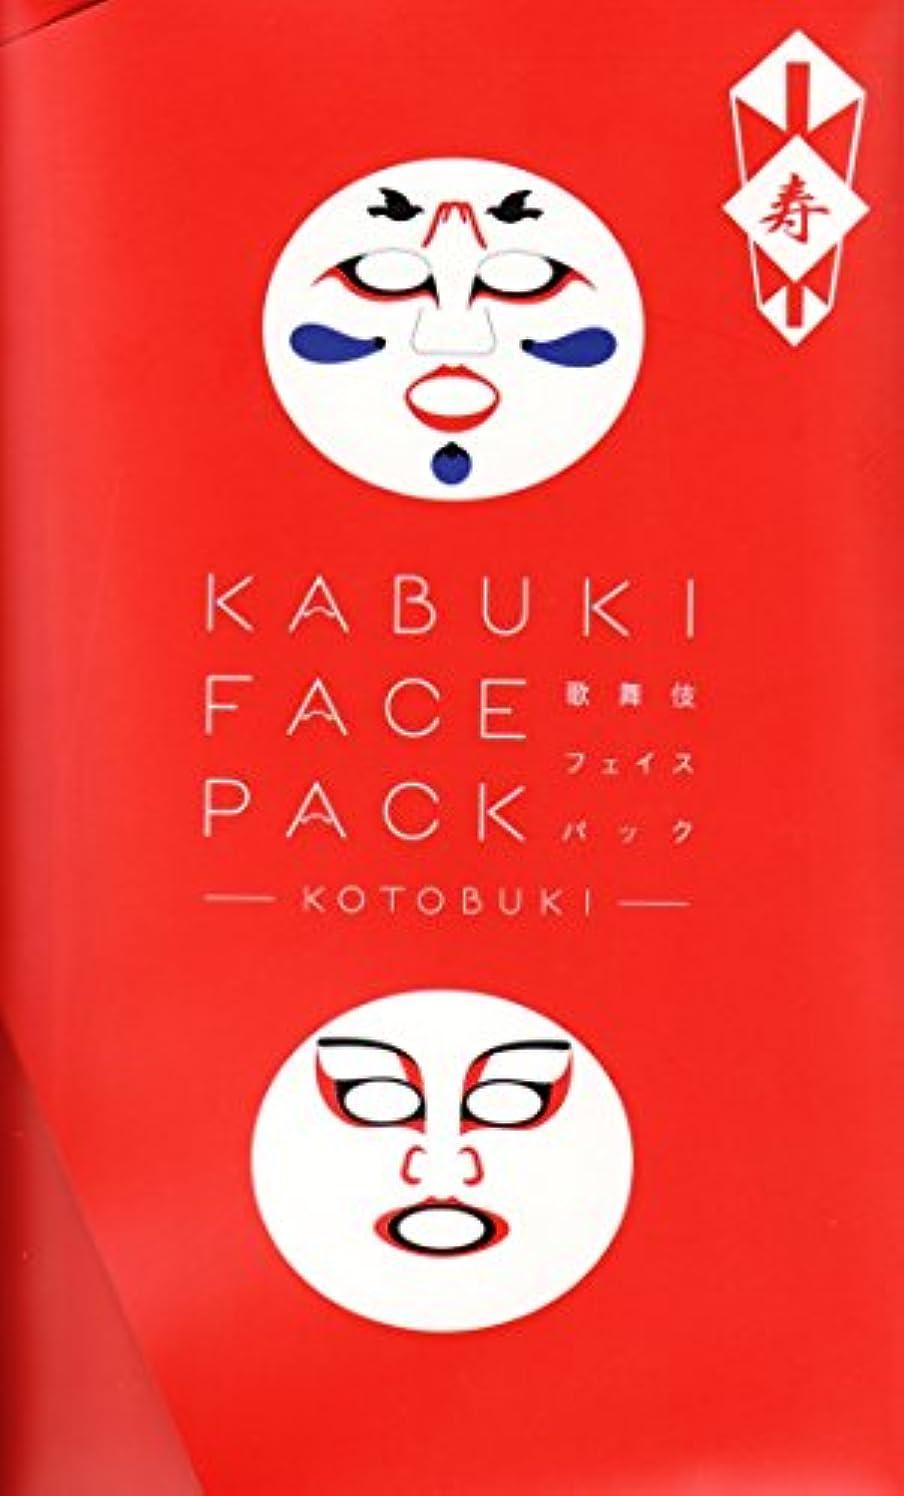 ひねりポーター振り子歌舞伎フェイスパック 寿 KABUKI FACE PACK -KOTOBUKI-